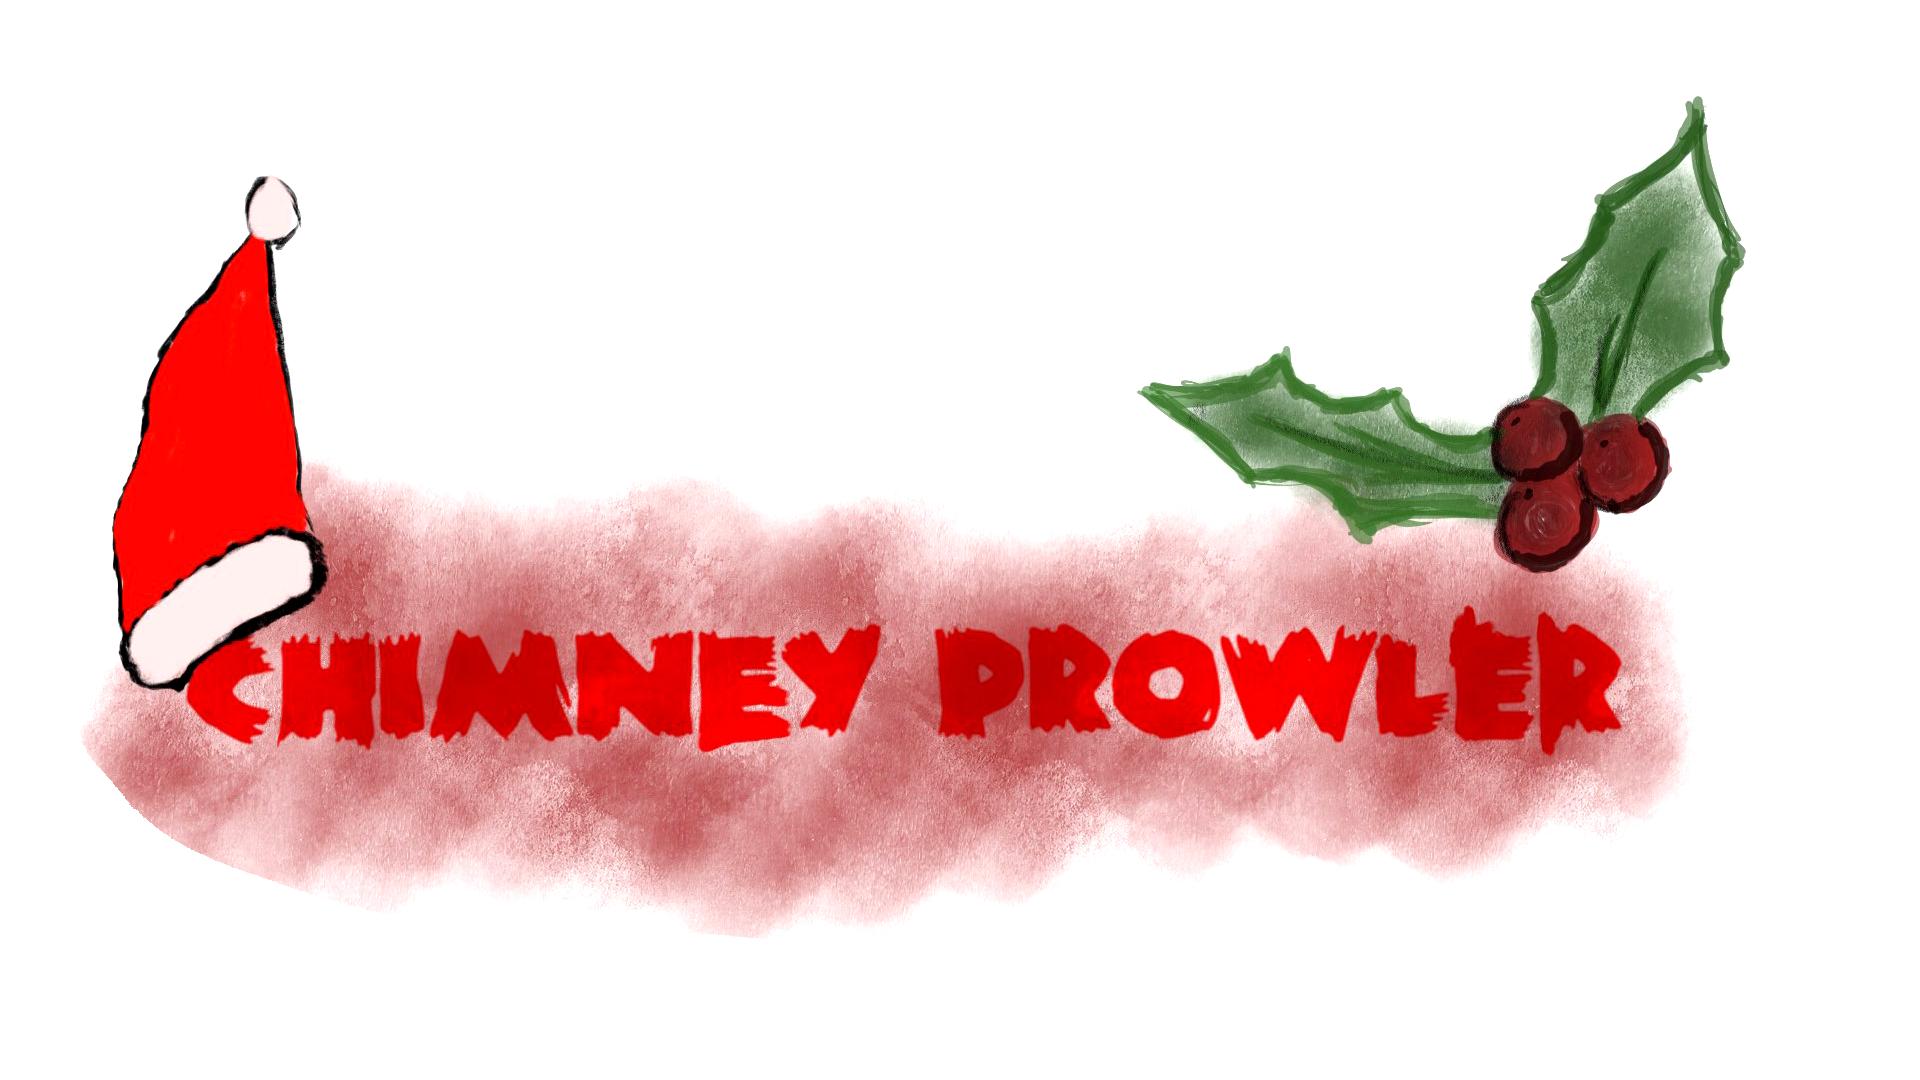 Chimney Prowler